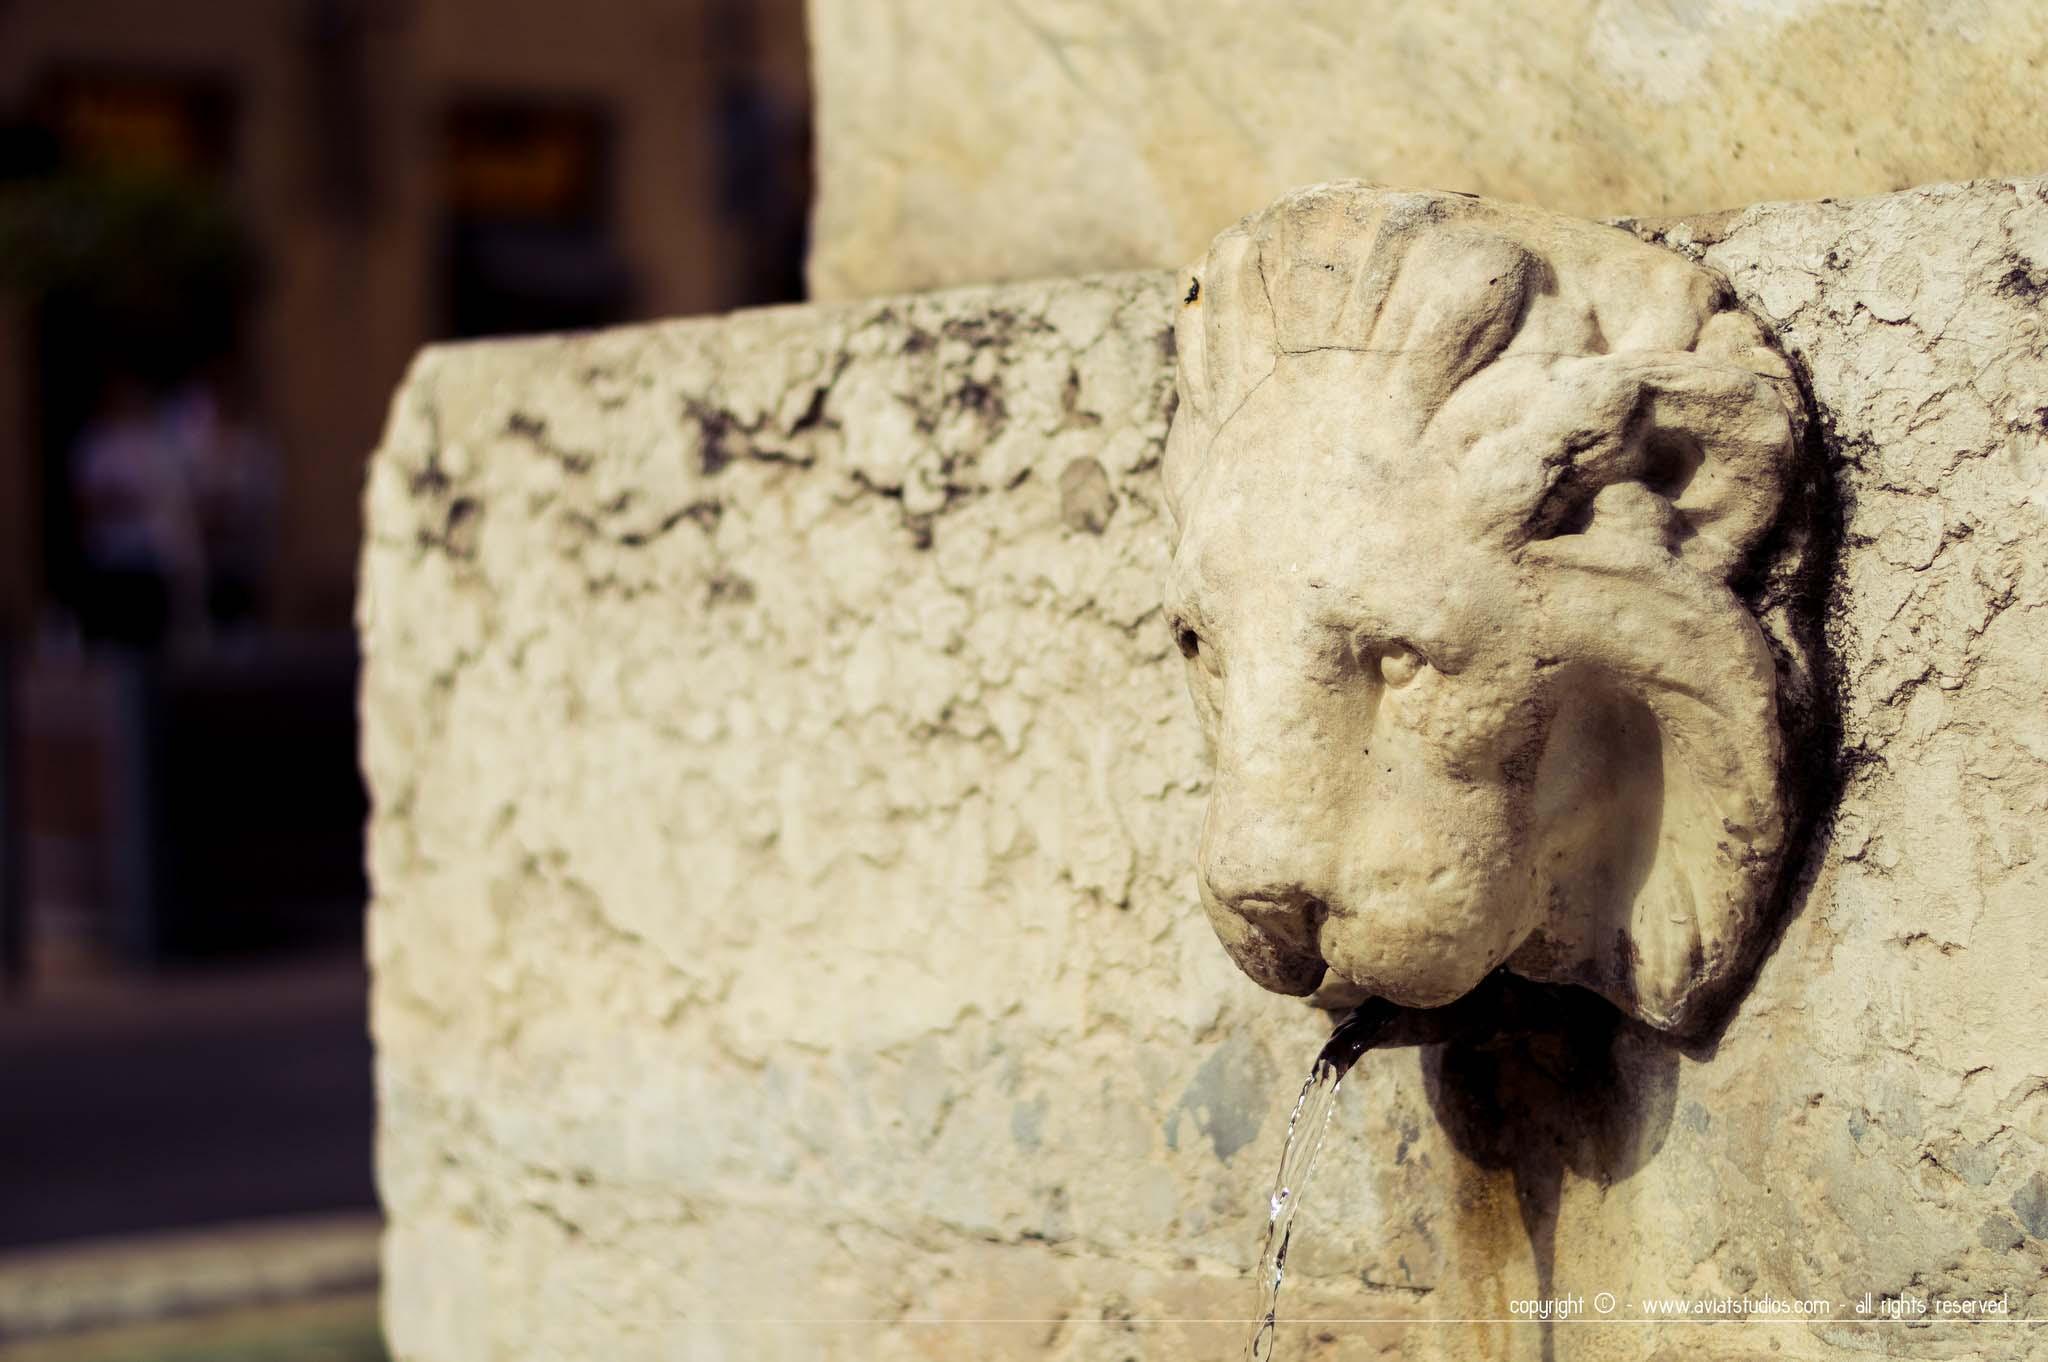 Détail d'une fontaine d'Aix-en-Provence - un lion